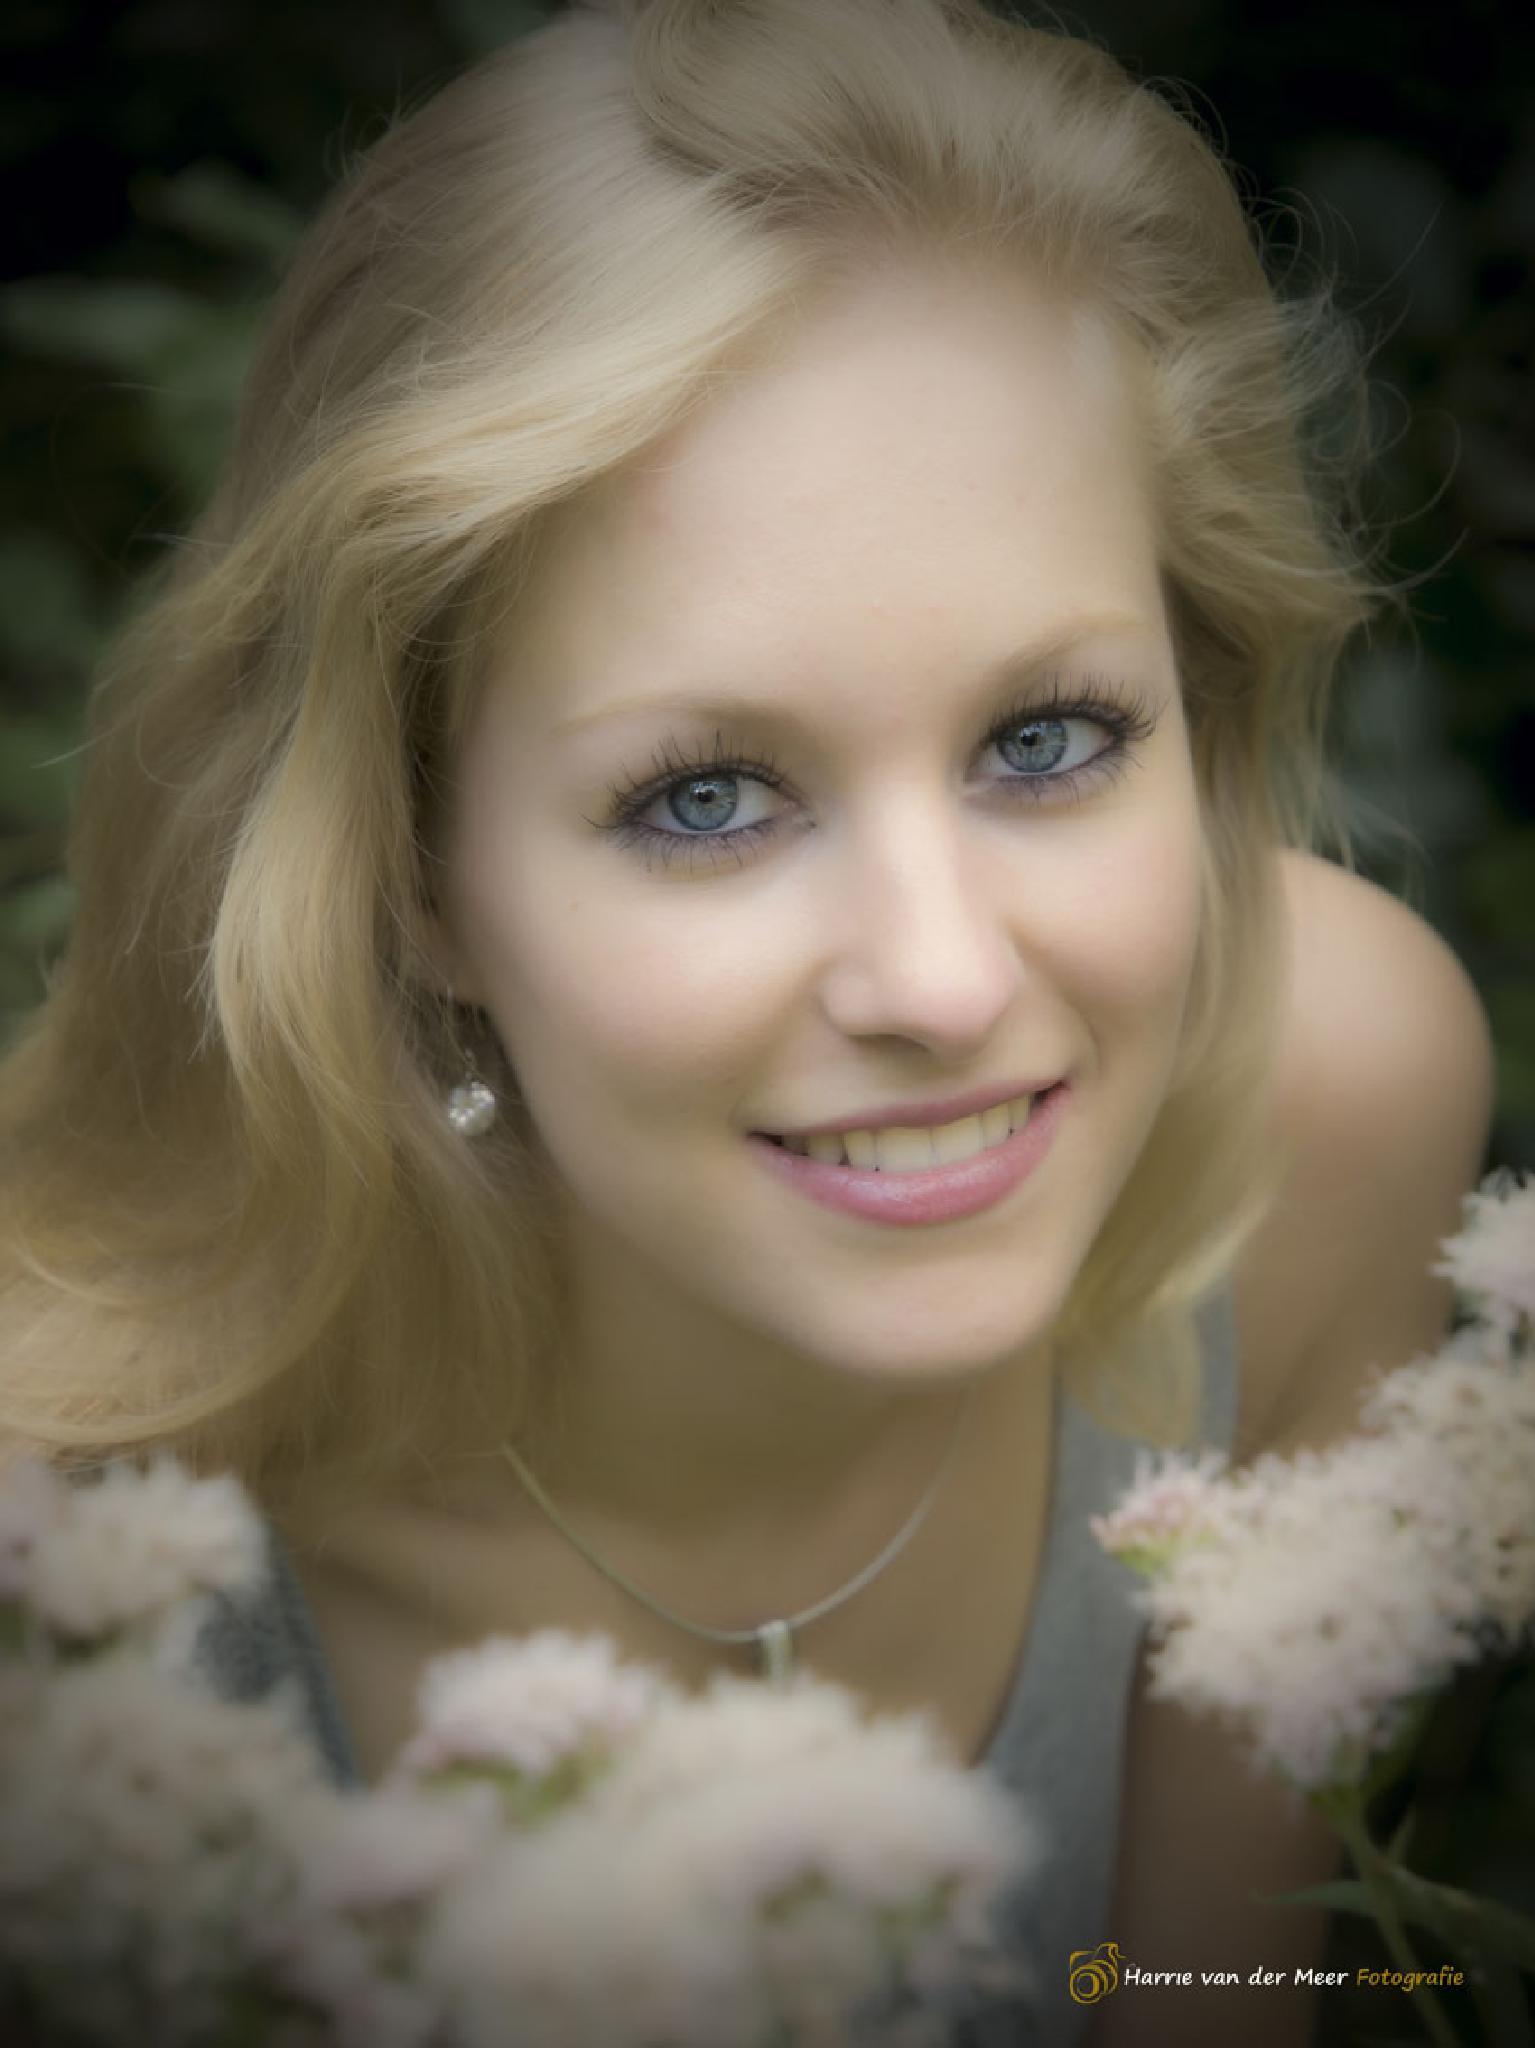 Smiling by Harrie van der Meer Fotografie